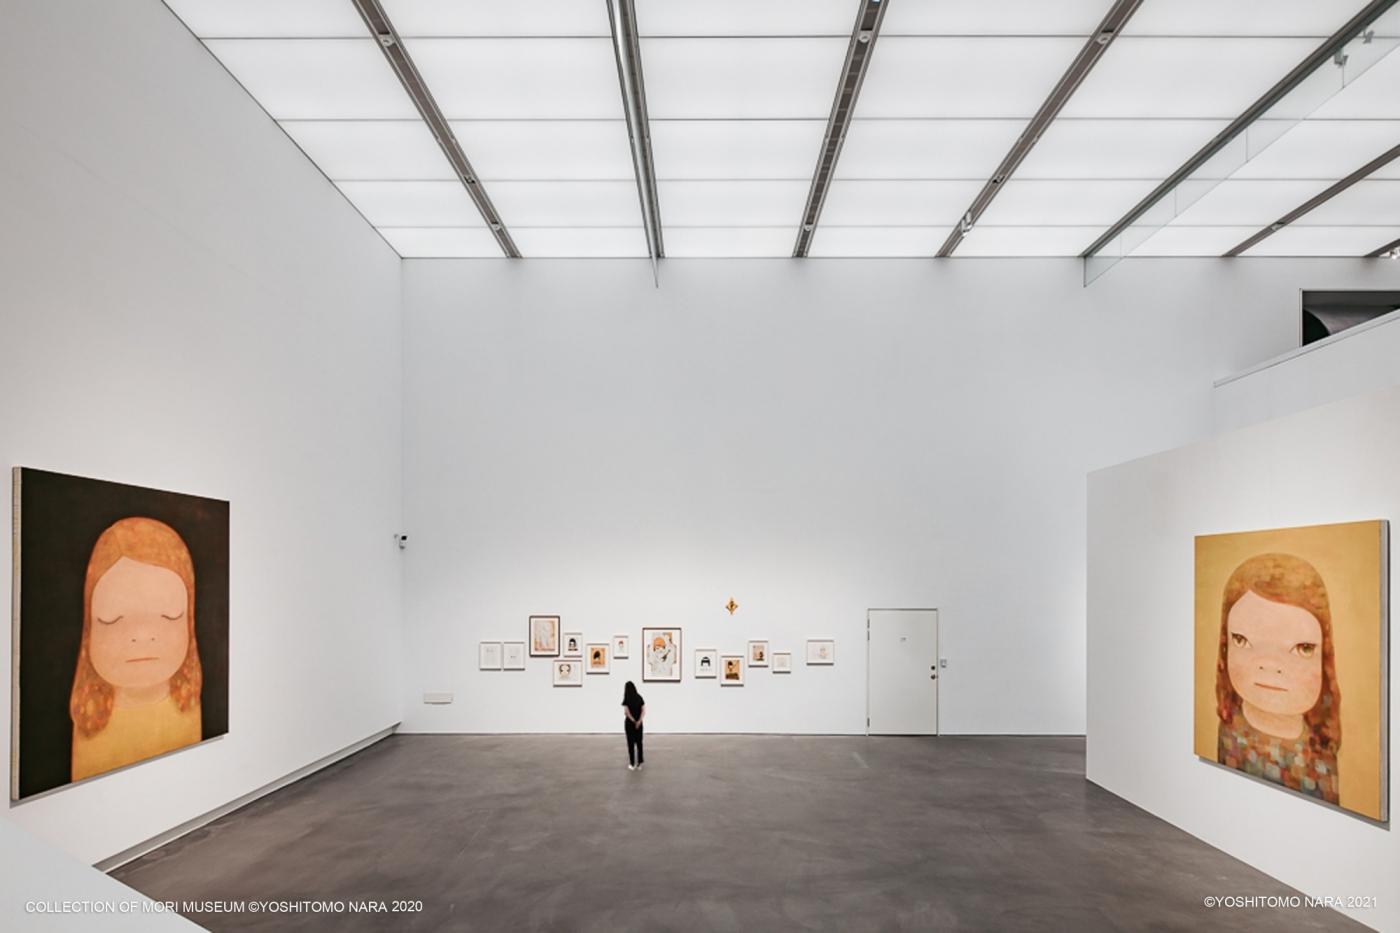 高美館《奈良美智特展》展場一景。Collection of Mori Museum ©YOSHITOMO NARA 2020 ©YOSHITOMO NARA 2021